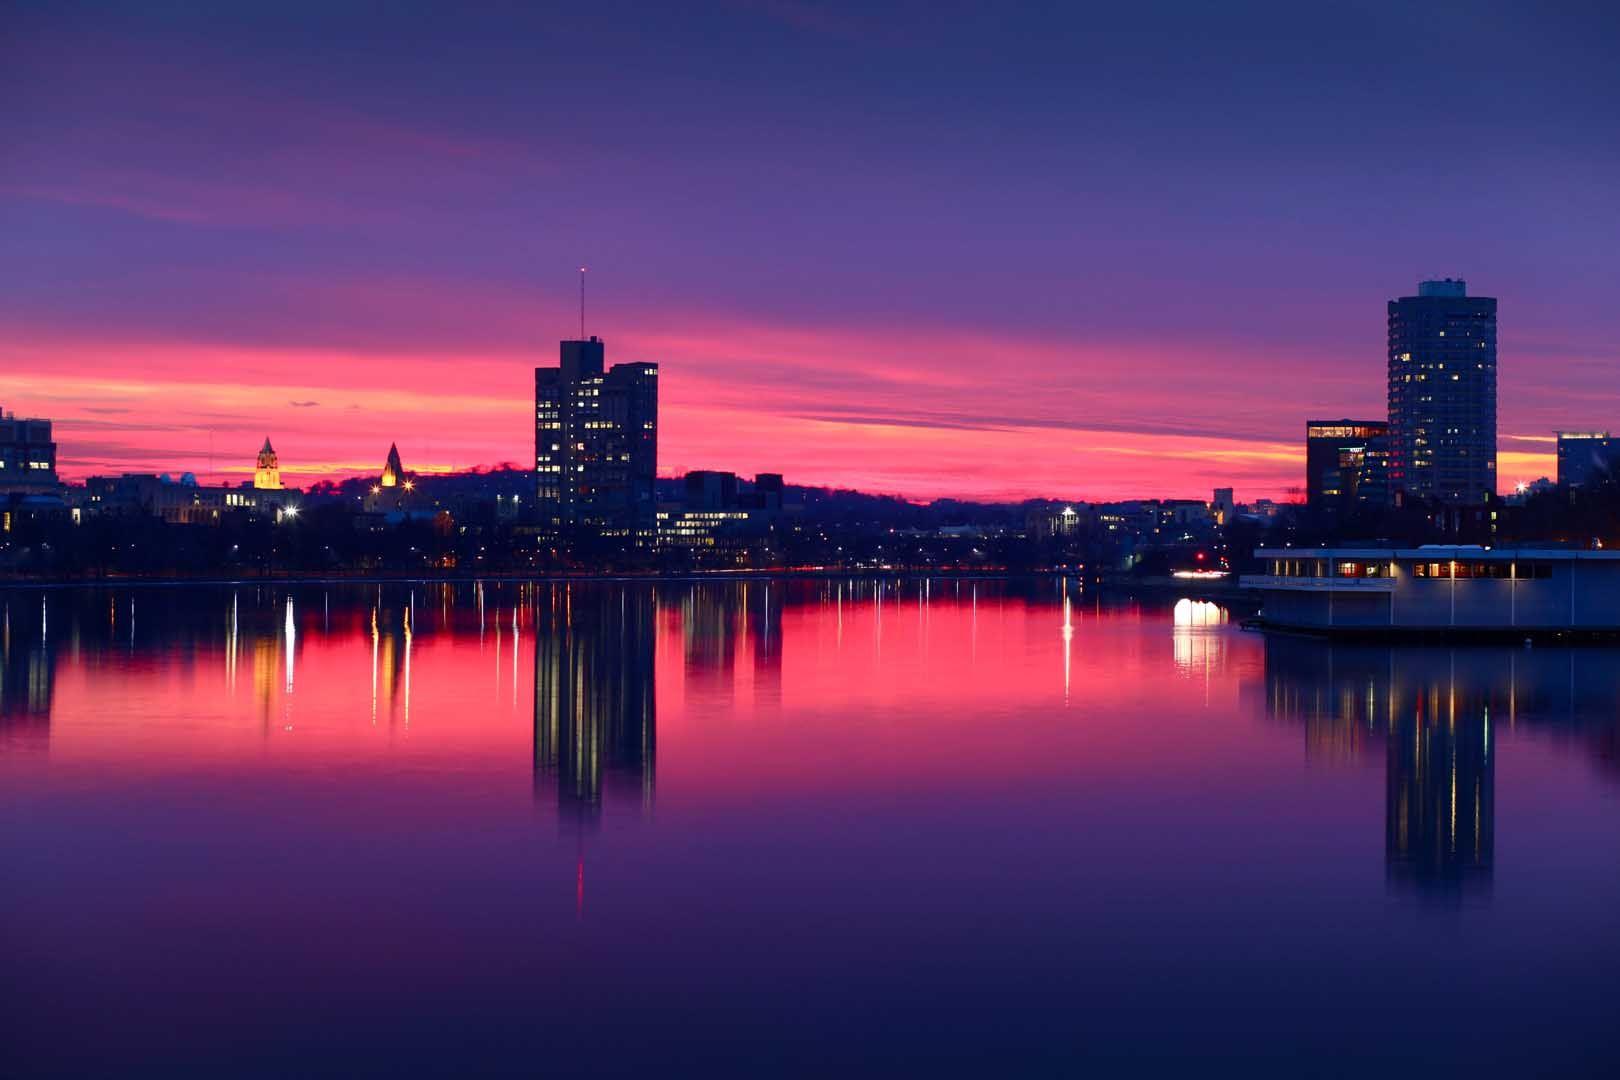 Картинки розовый вечер в городе